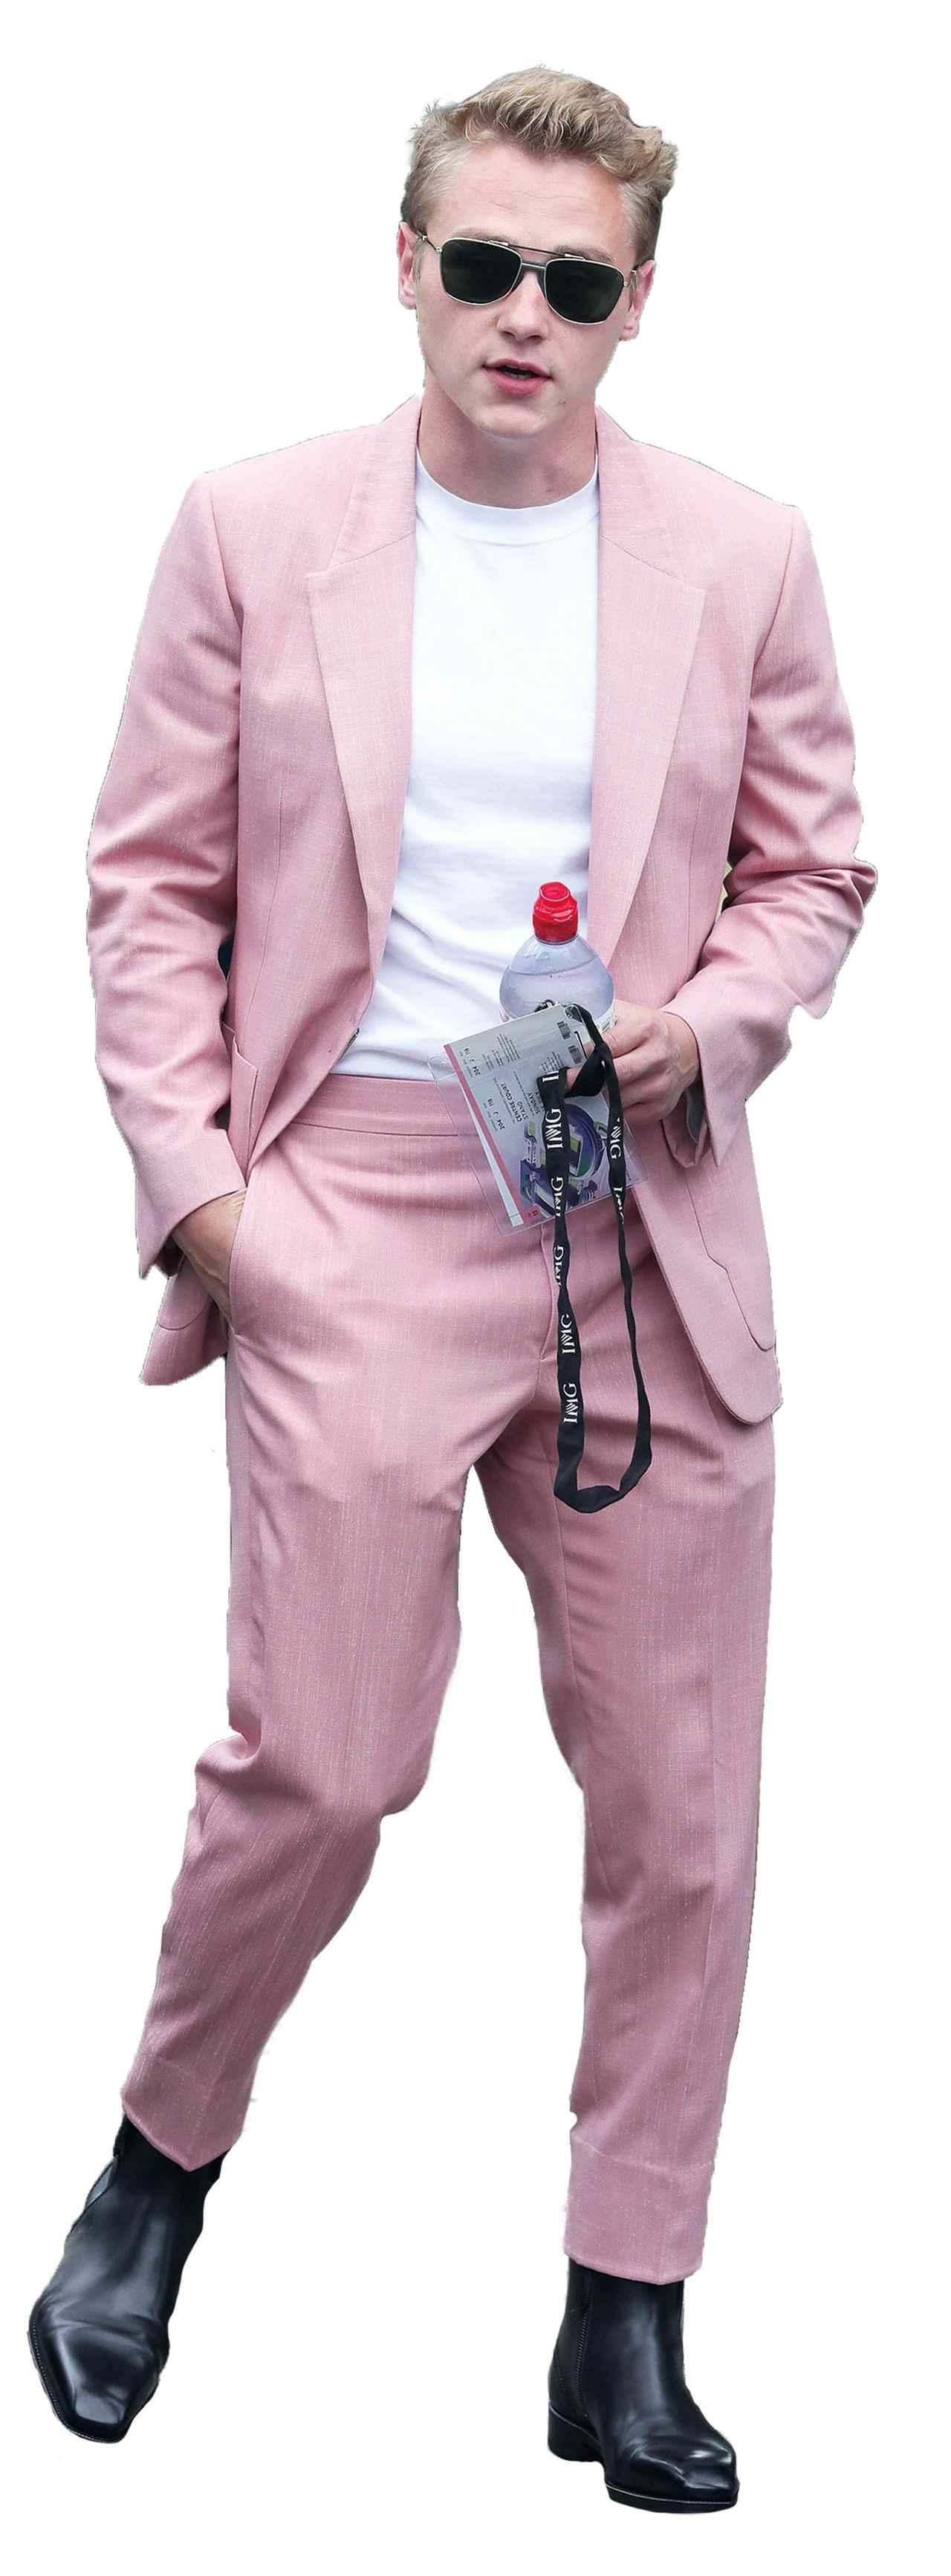 画像: 今年の夏は全身ピンクのスーツでウィンブルドンを観戦 Photo by Mark R. Milan/GC Images